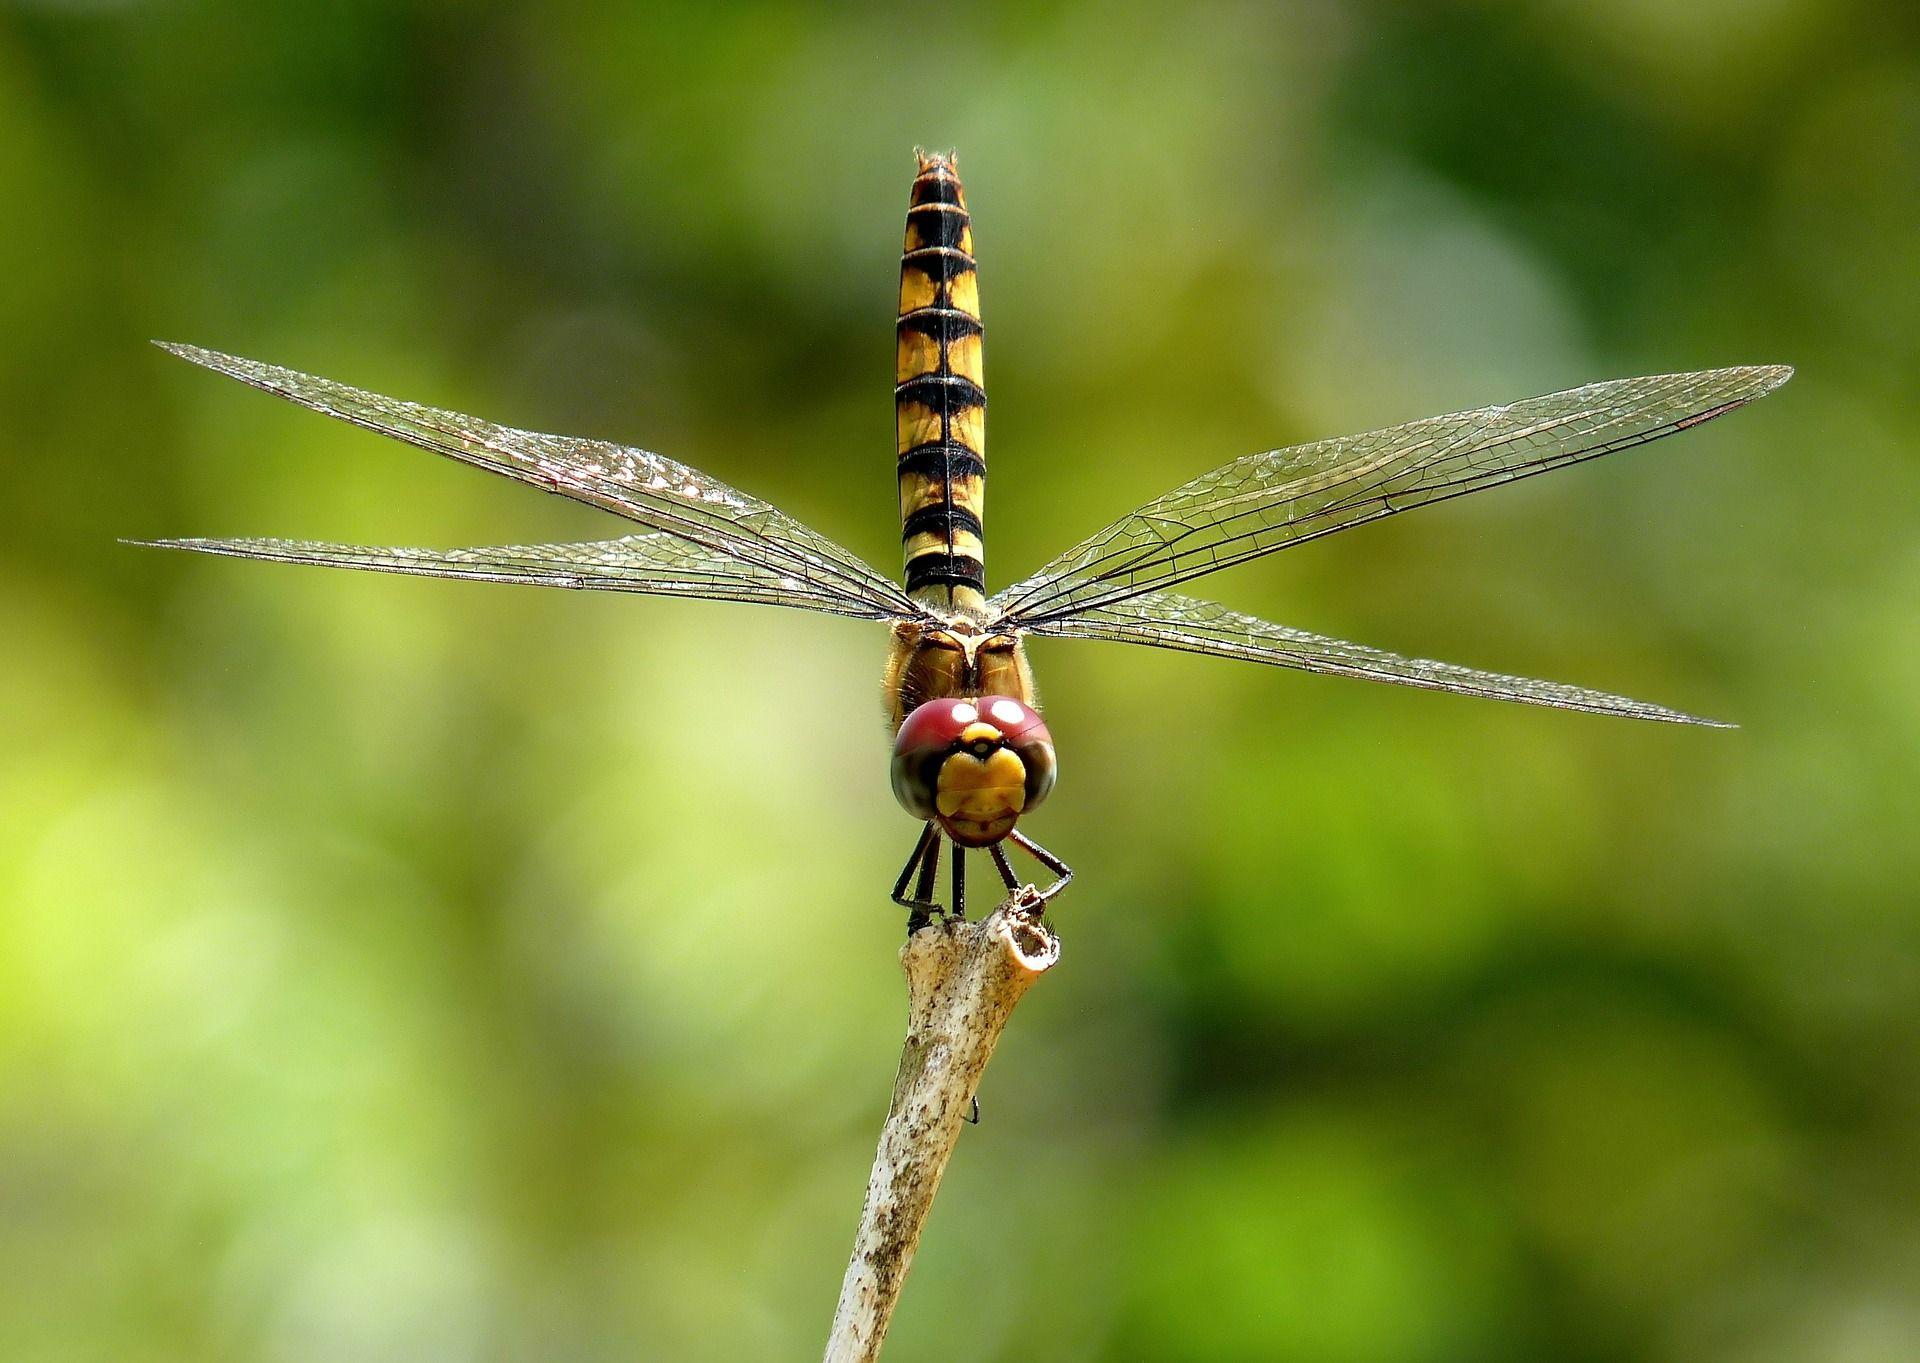 Смотреть фото стрекозы из г. Иркутск